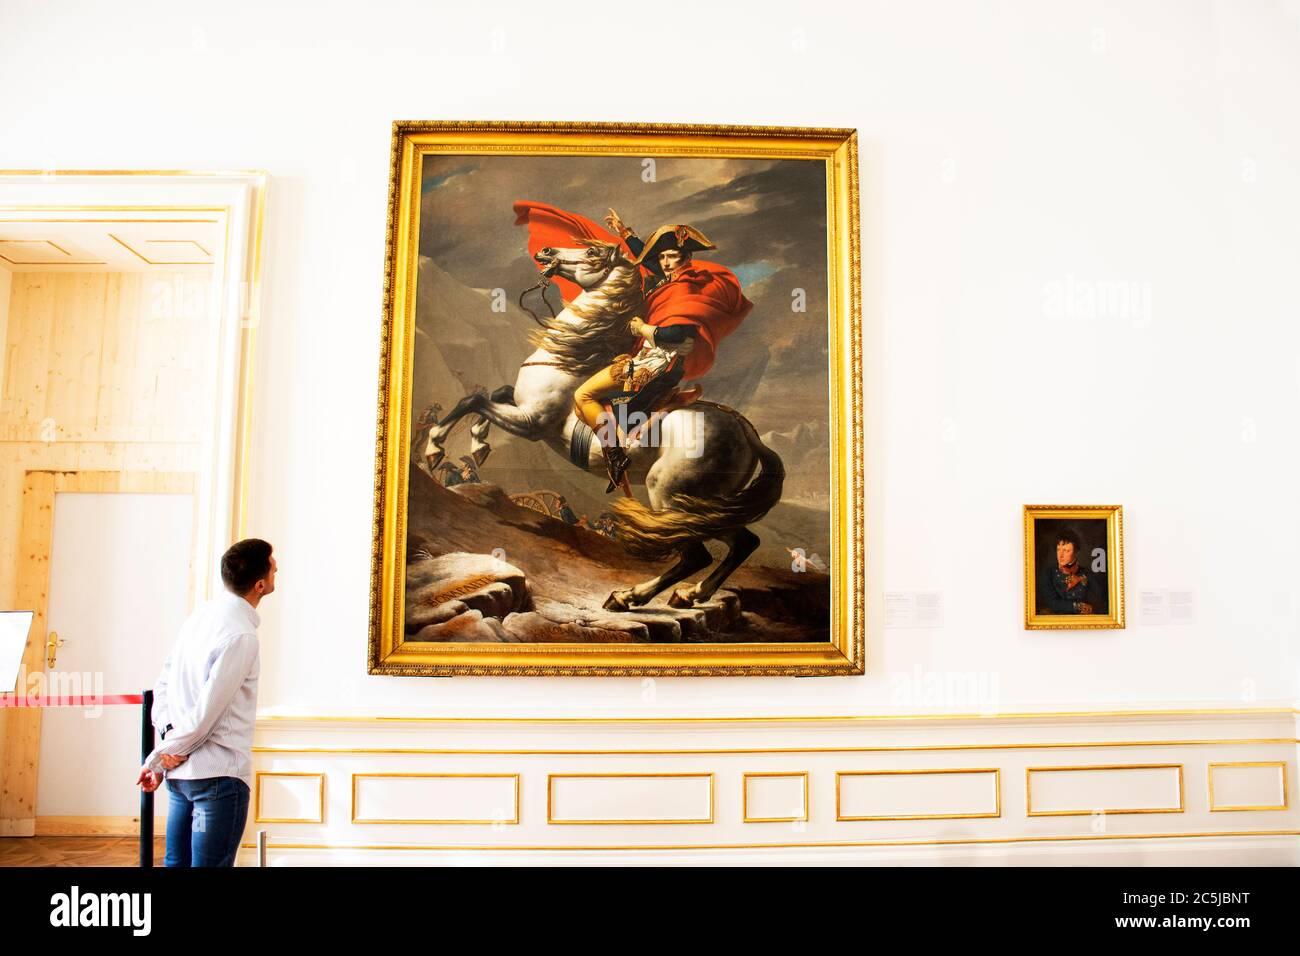 Retro Vintage klassische antike Kunst Inneneinrichtung Design für Österreicher und ausländische Reisende Besuch im Schloss Belvedere oder Schloss Historic Stockfoto